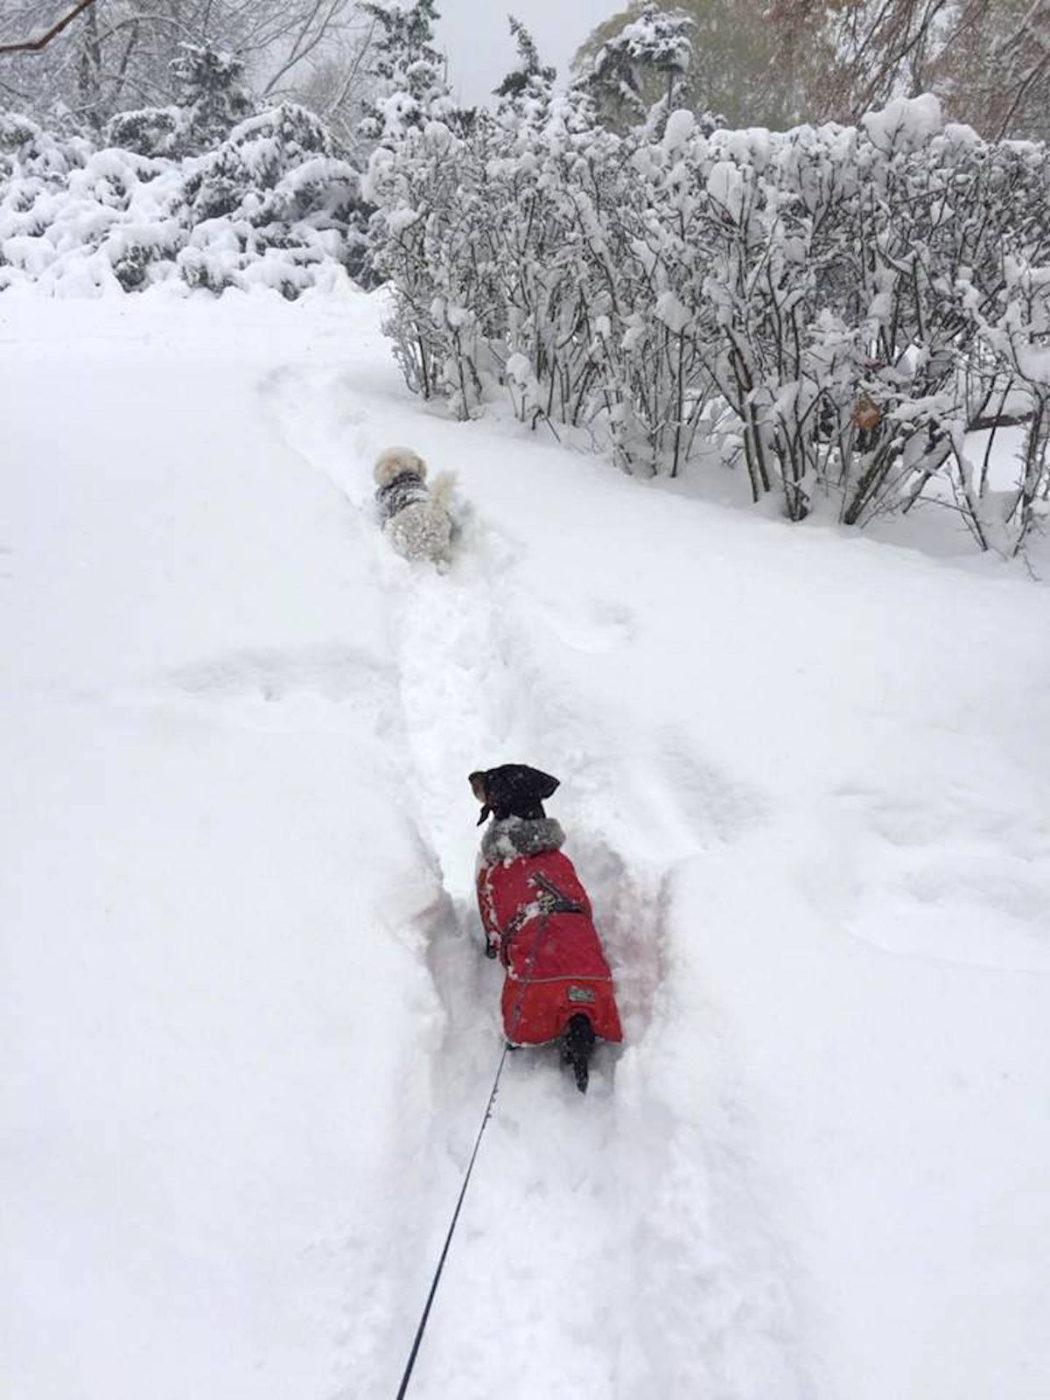 snostorm-och-hundpromenad